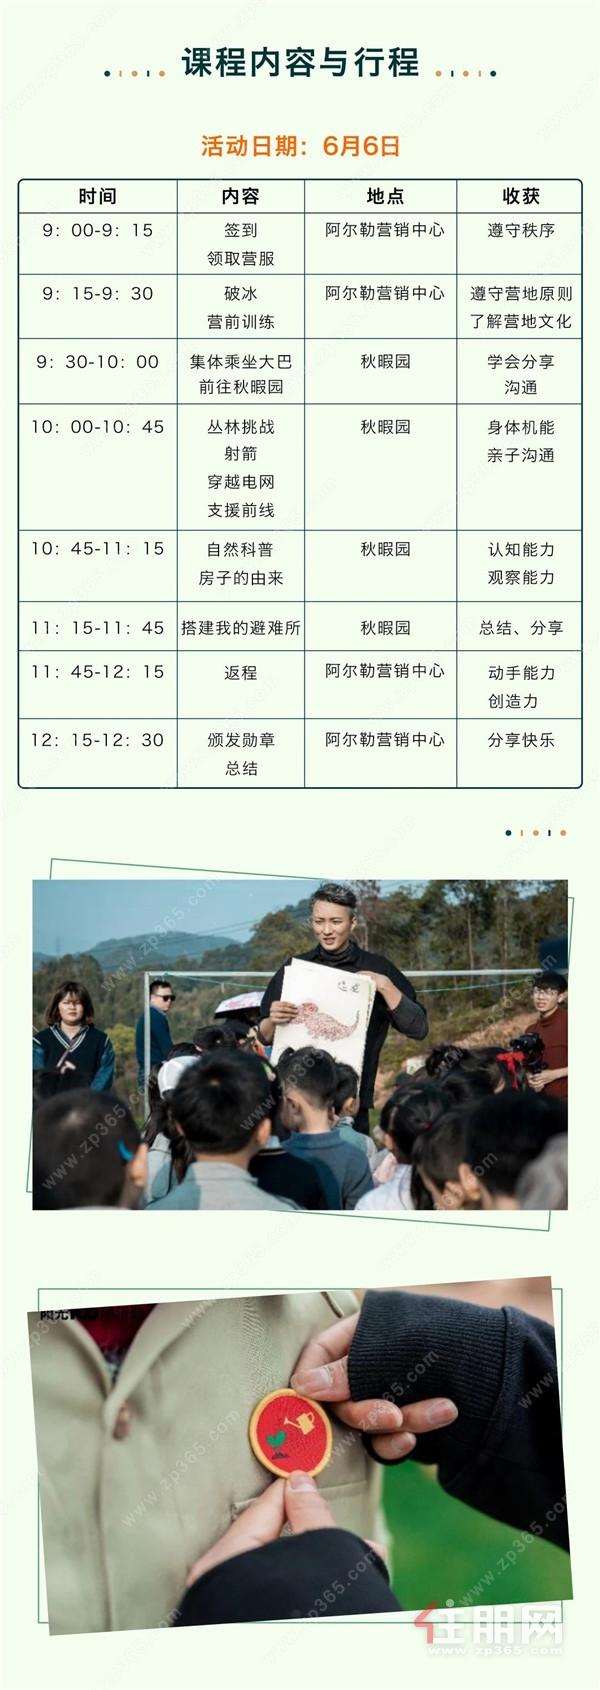 阳光100漓江大自然学校——《森林避难所》,户外求生小技能